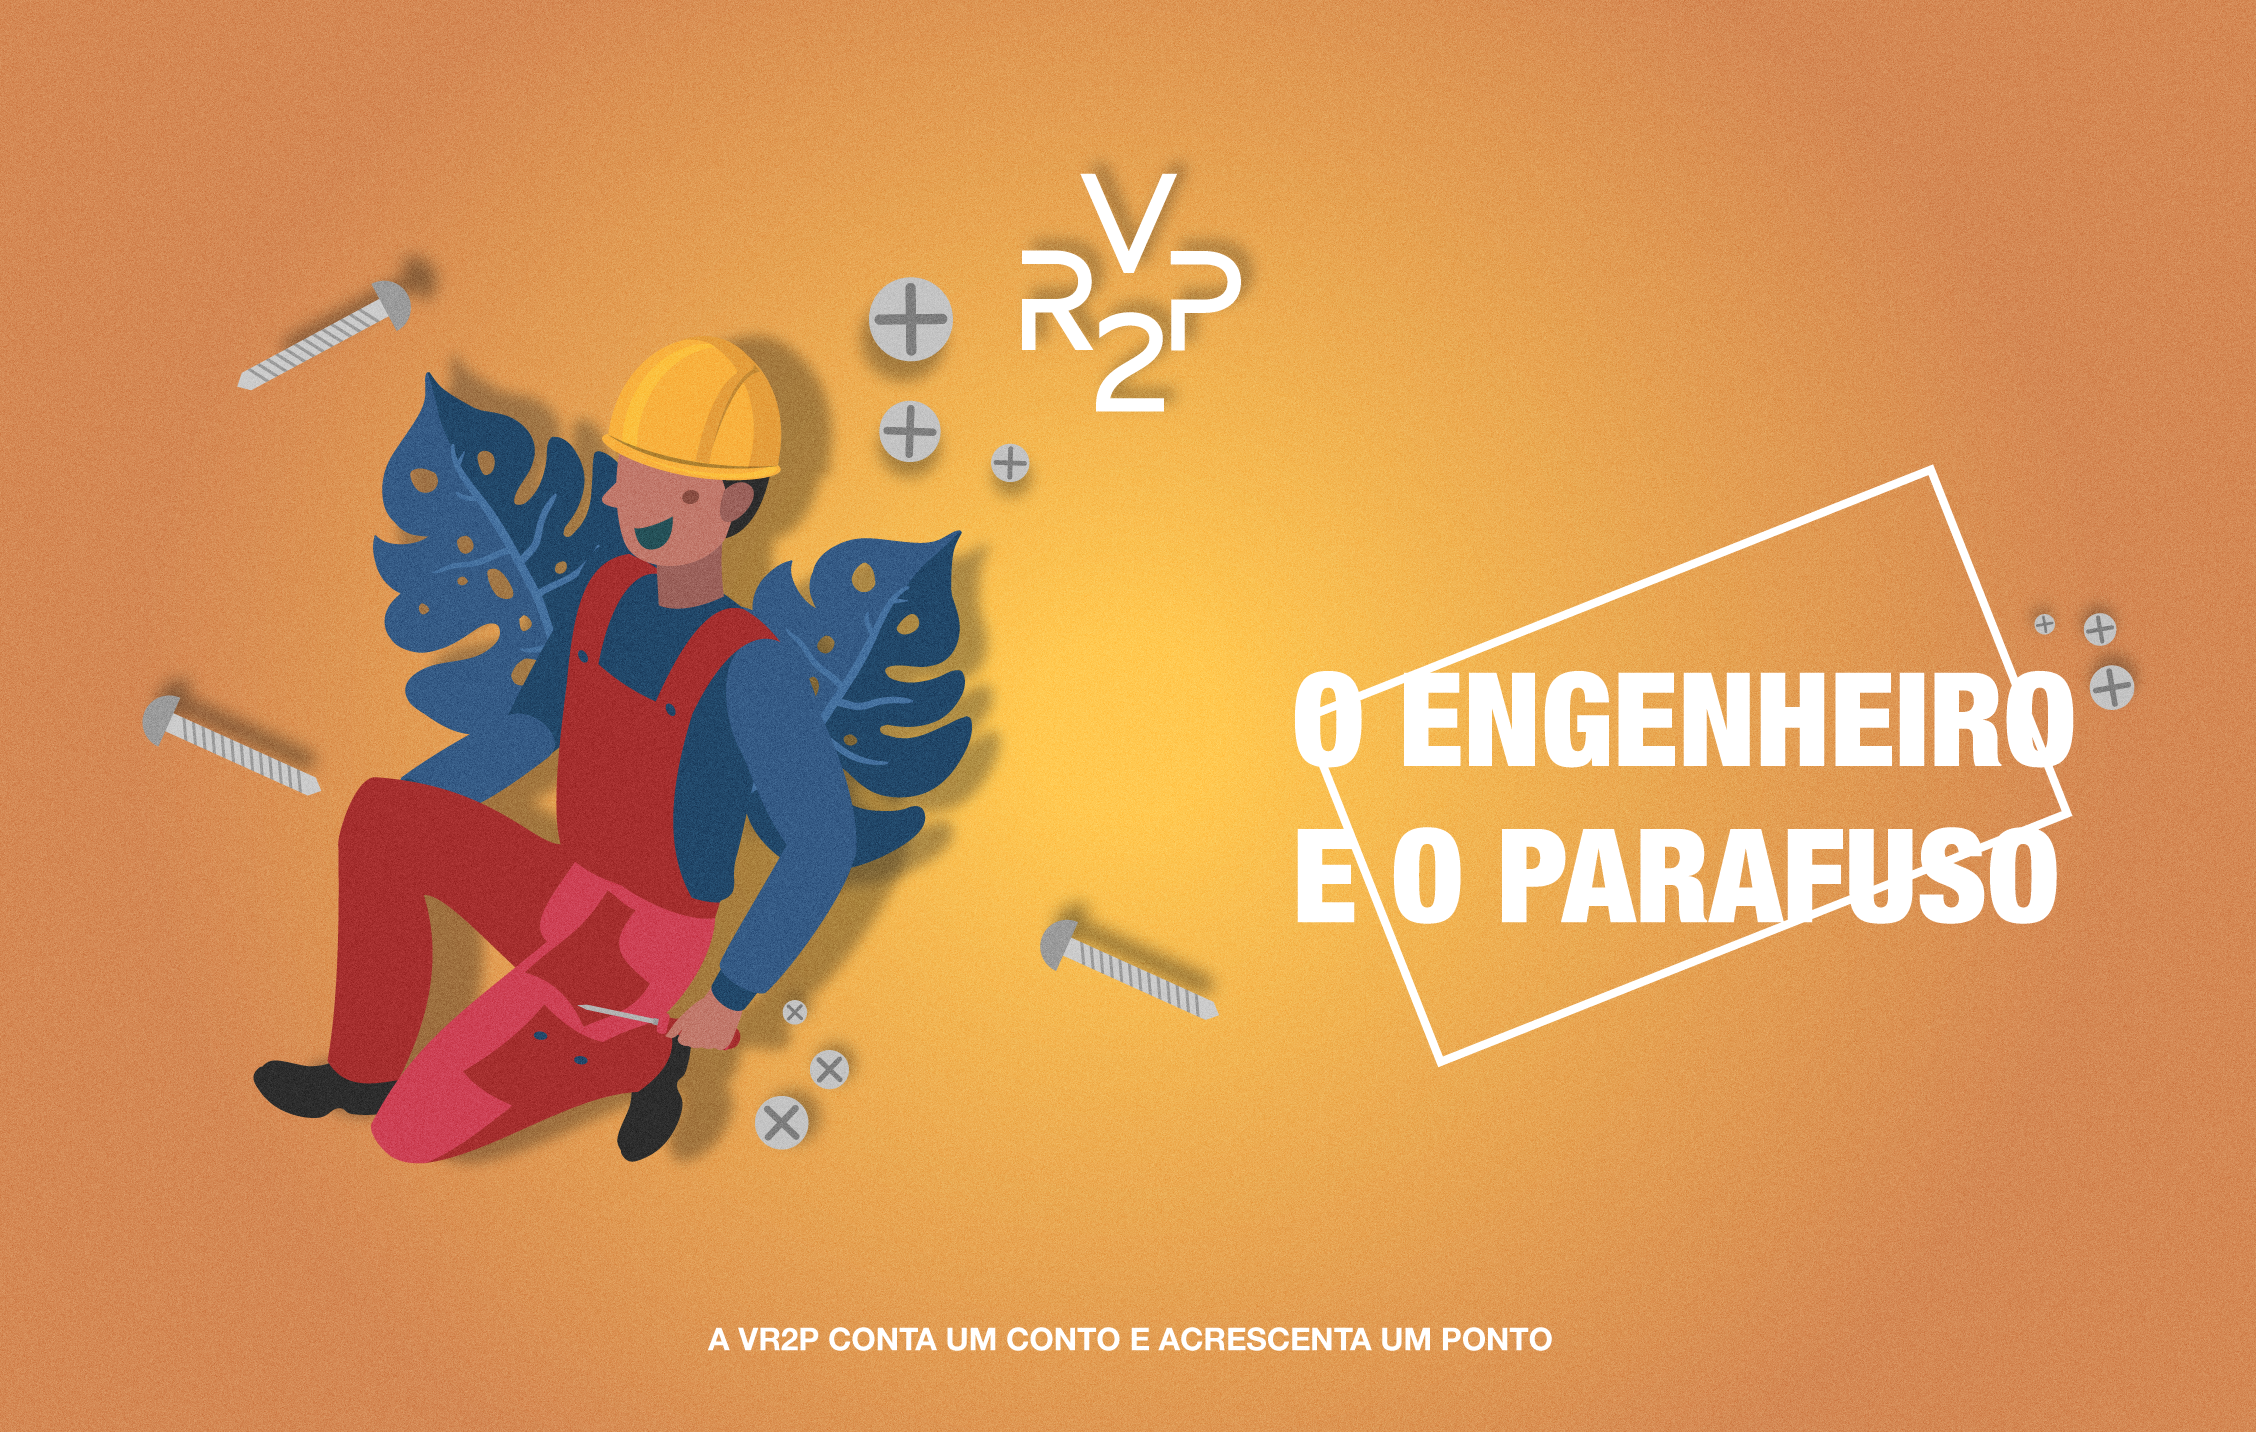 O Engenheiro e o Parafuso